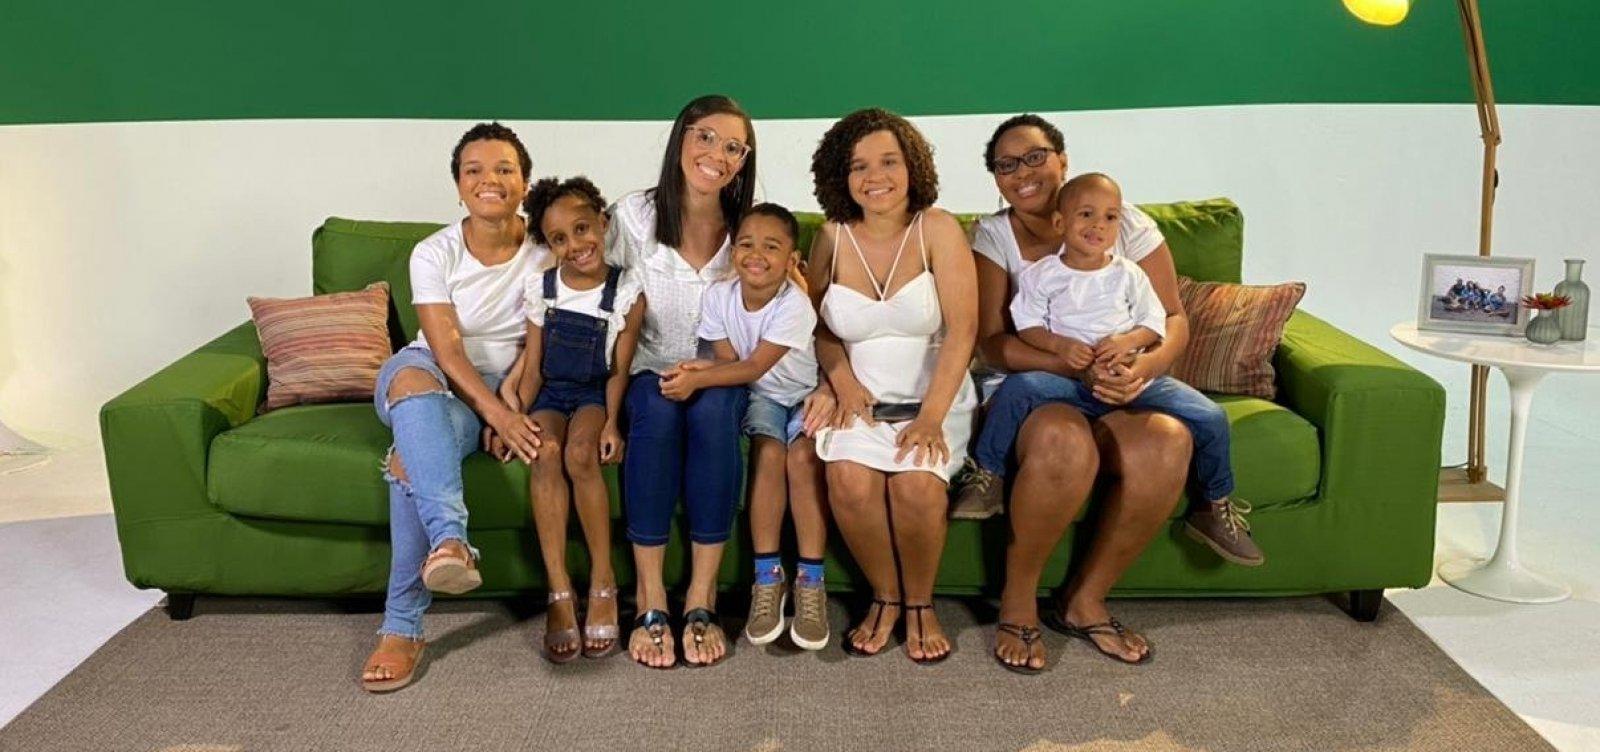 Perfil de adoção no Brasil é de menina, branca de até 2 anos; Bahia tem fila de 150 crianças e adolescentes aguardando um lar